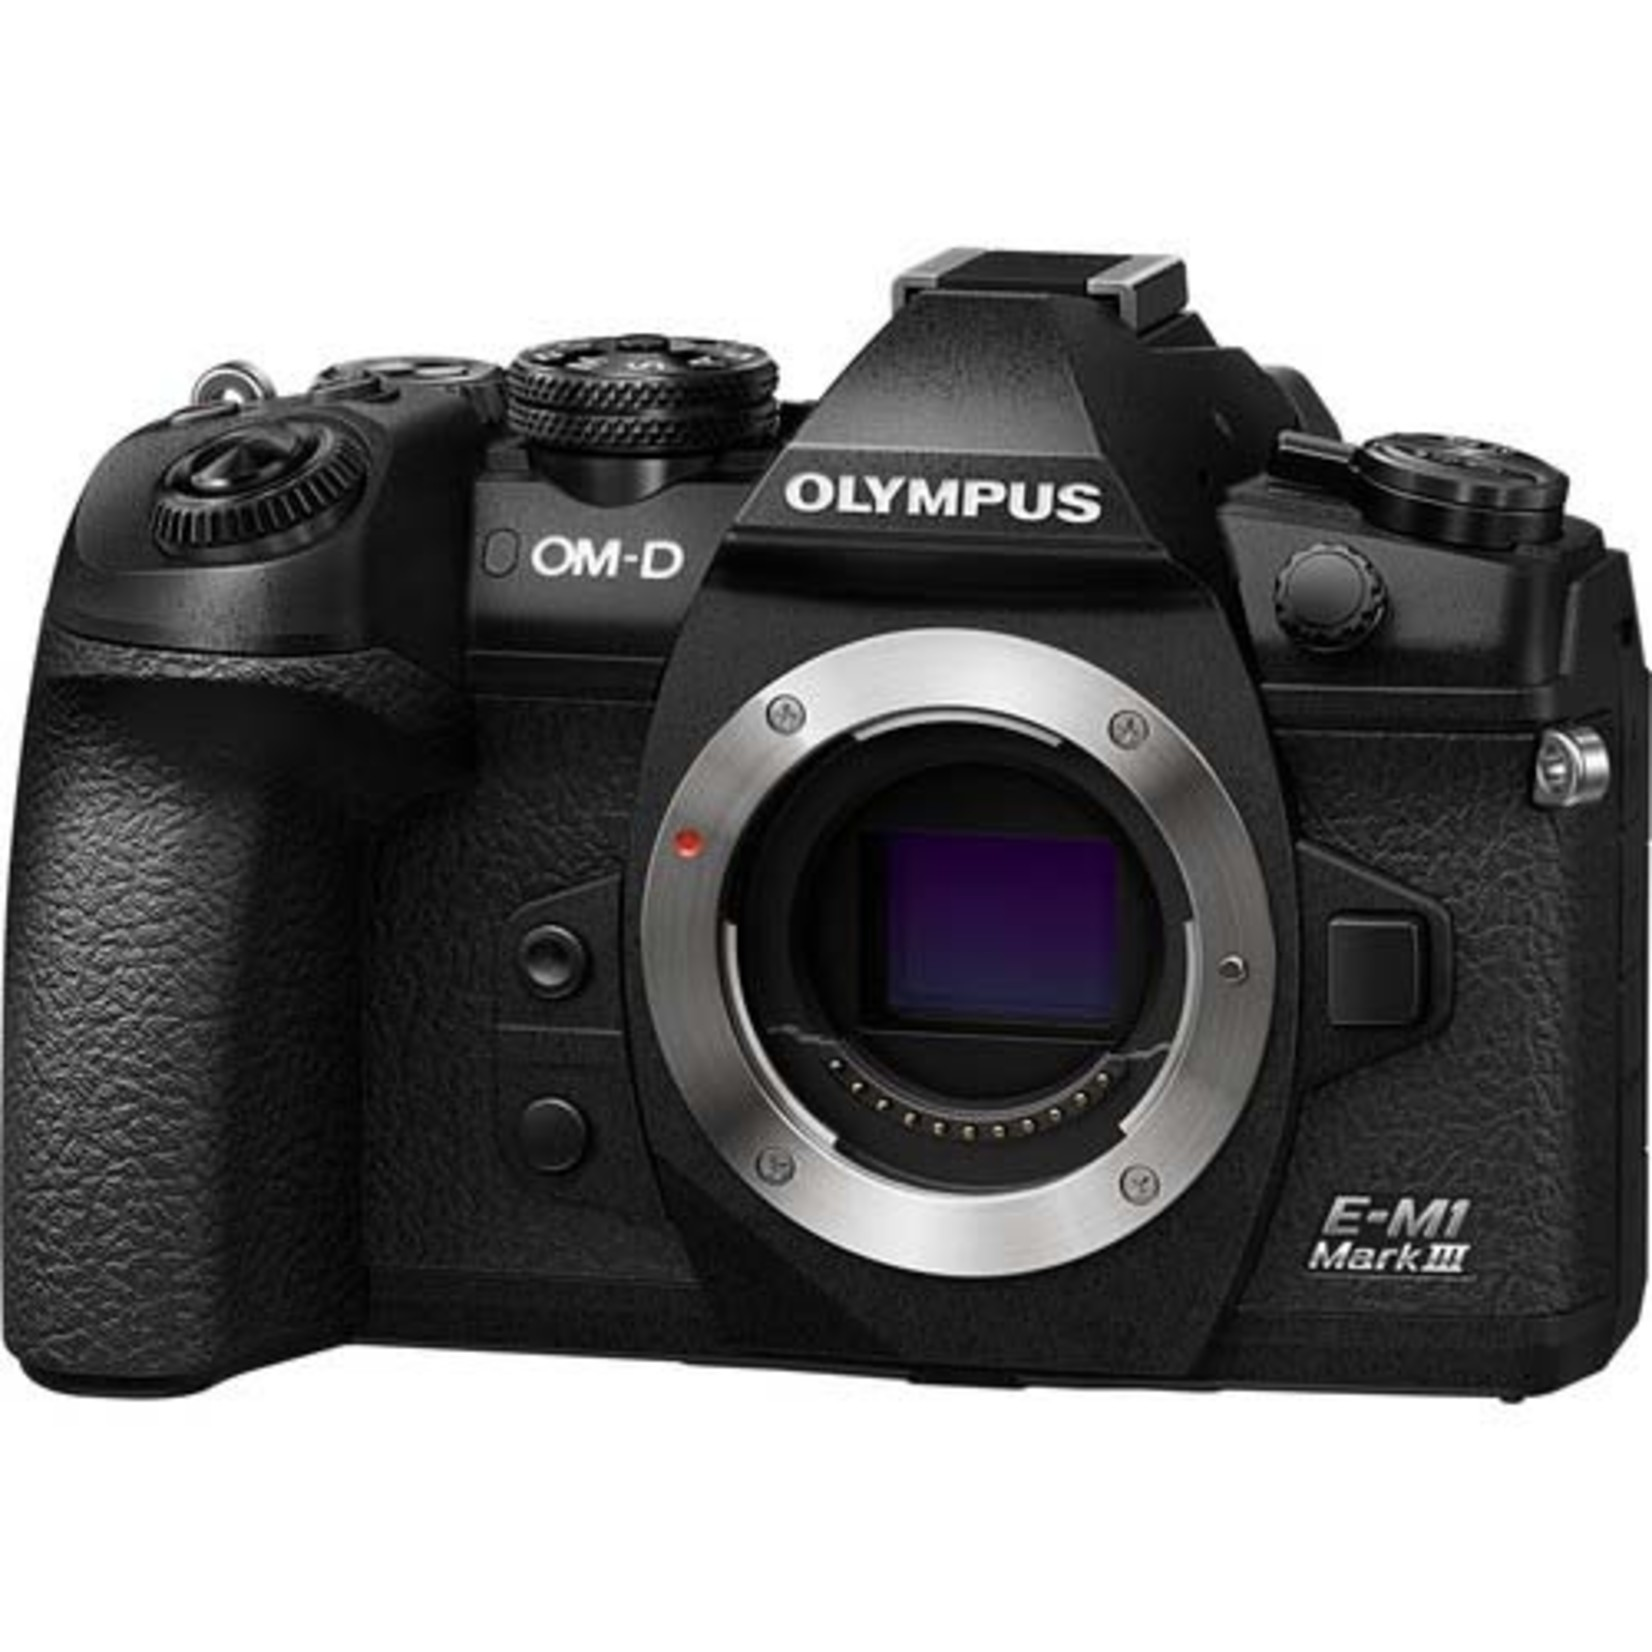 Olympus Olympus E-M1 Mark III BODY BLK